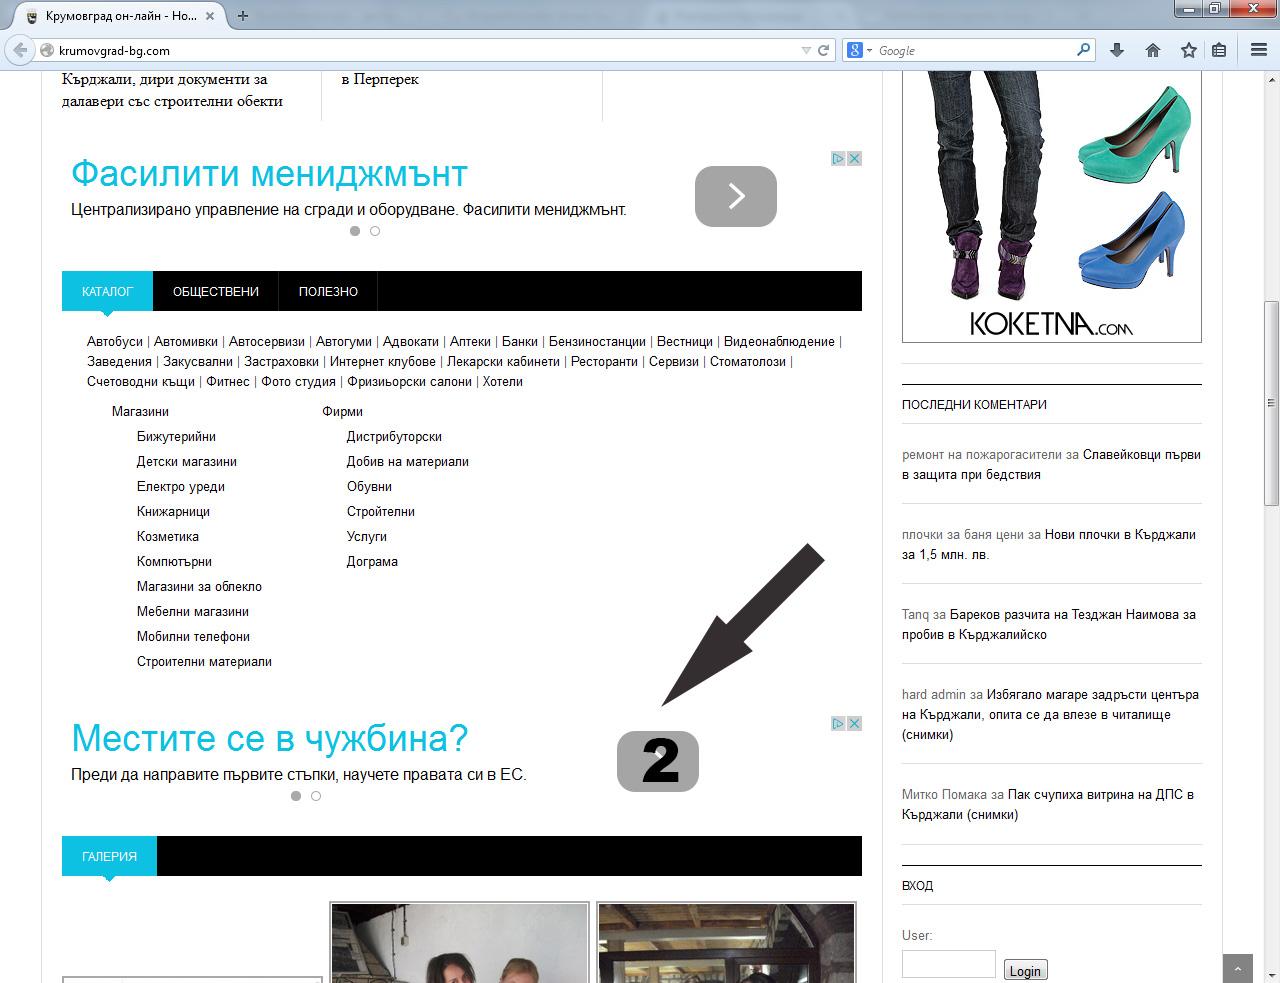 Реклама в Крумовград - позиция 2